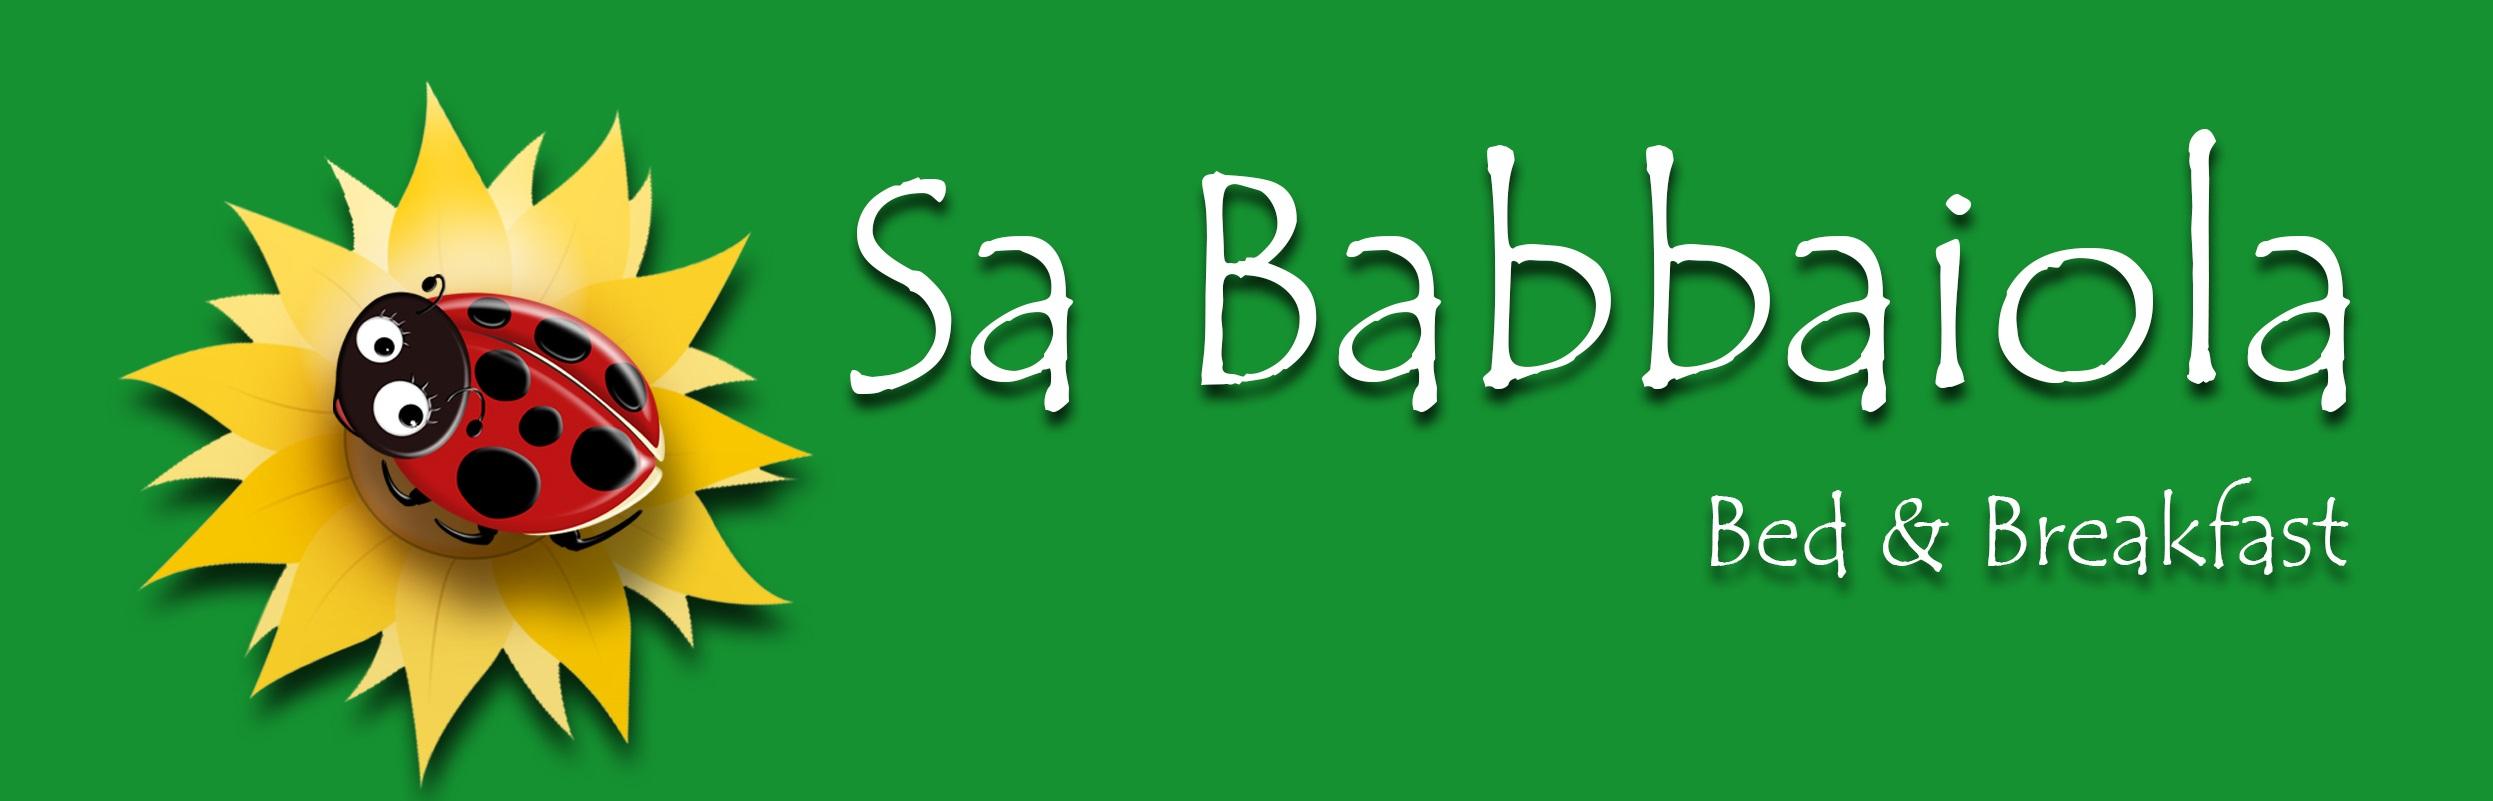 Sa Babbaiola